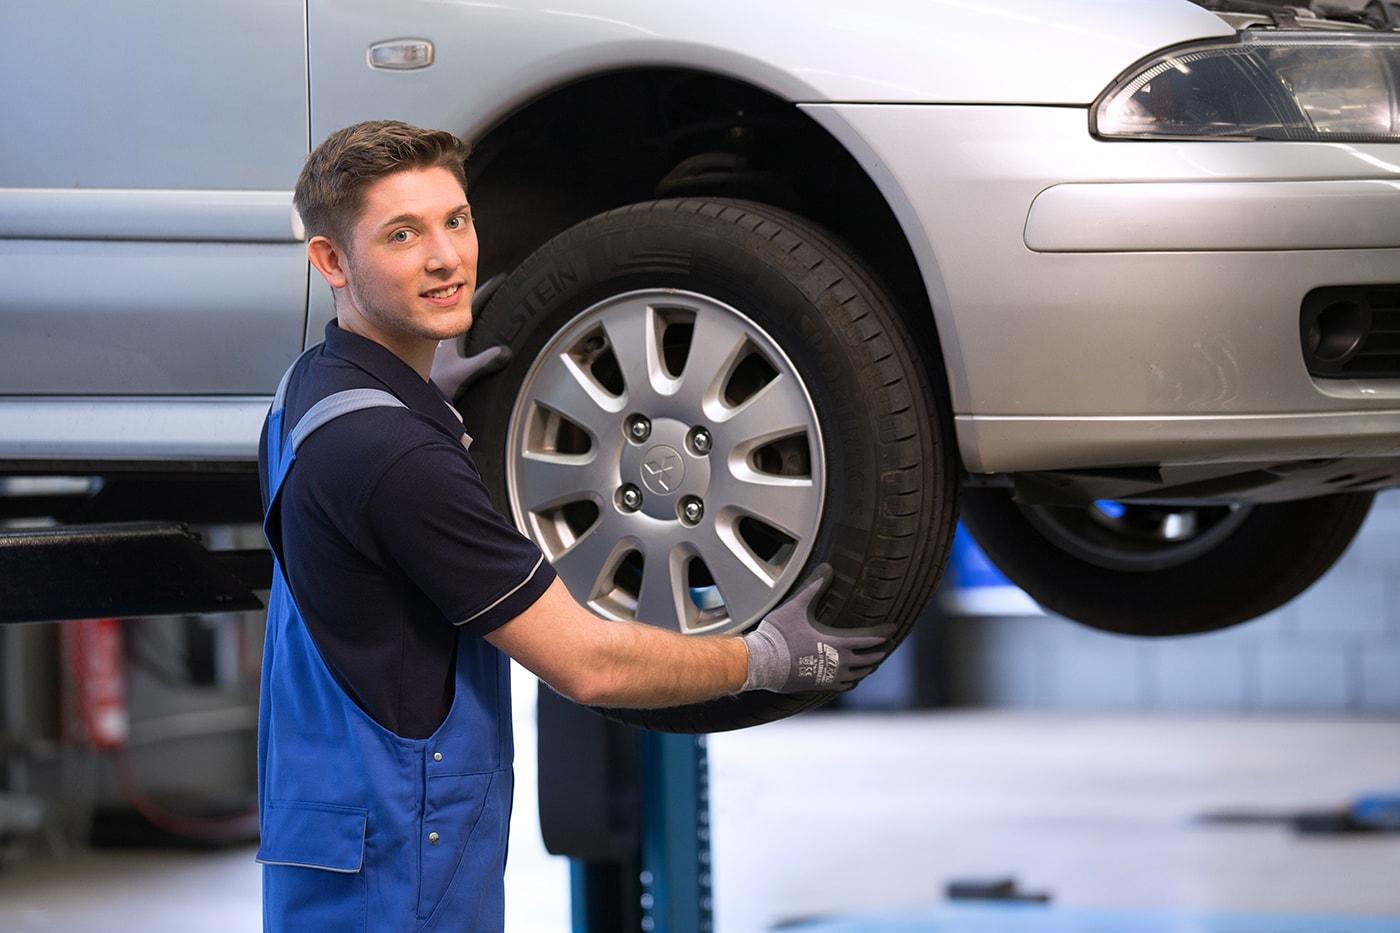 Ausbildung zum Mechaniker für Reifen- und Vulkanisationstechnik mit dem Schwerpunkt Reifen- und Fahrwerktechnik (m/w/d) für 2021 (865/MechRuV)